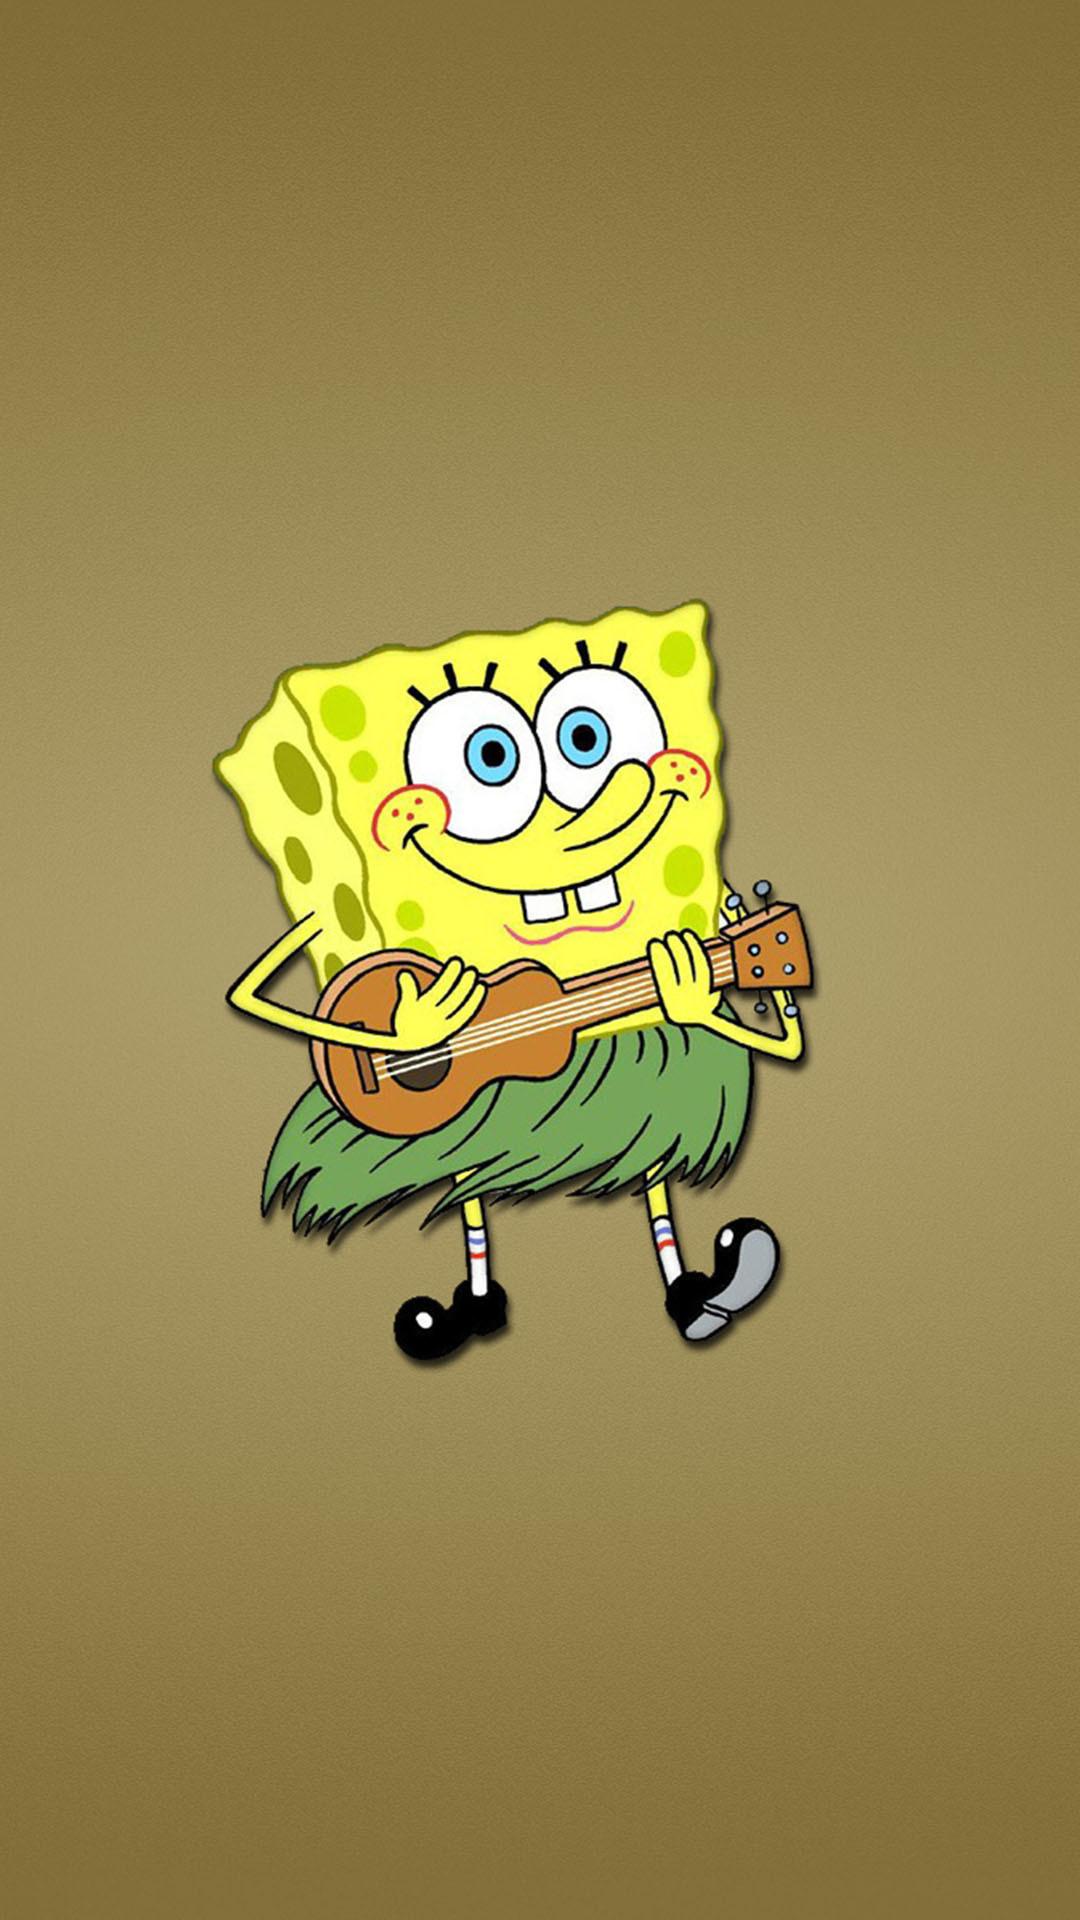 Spongebob Wallpapers Hd: Funny Spongebob Wallpaper ·① WallpaperTag